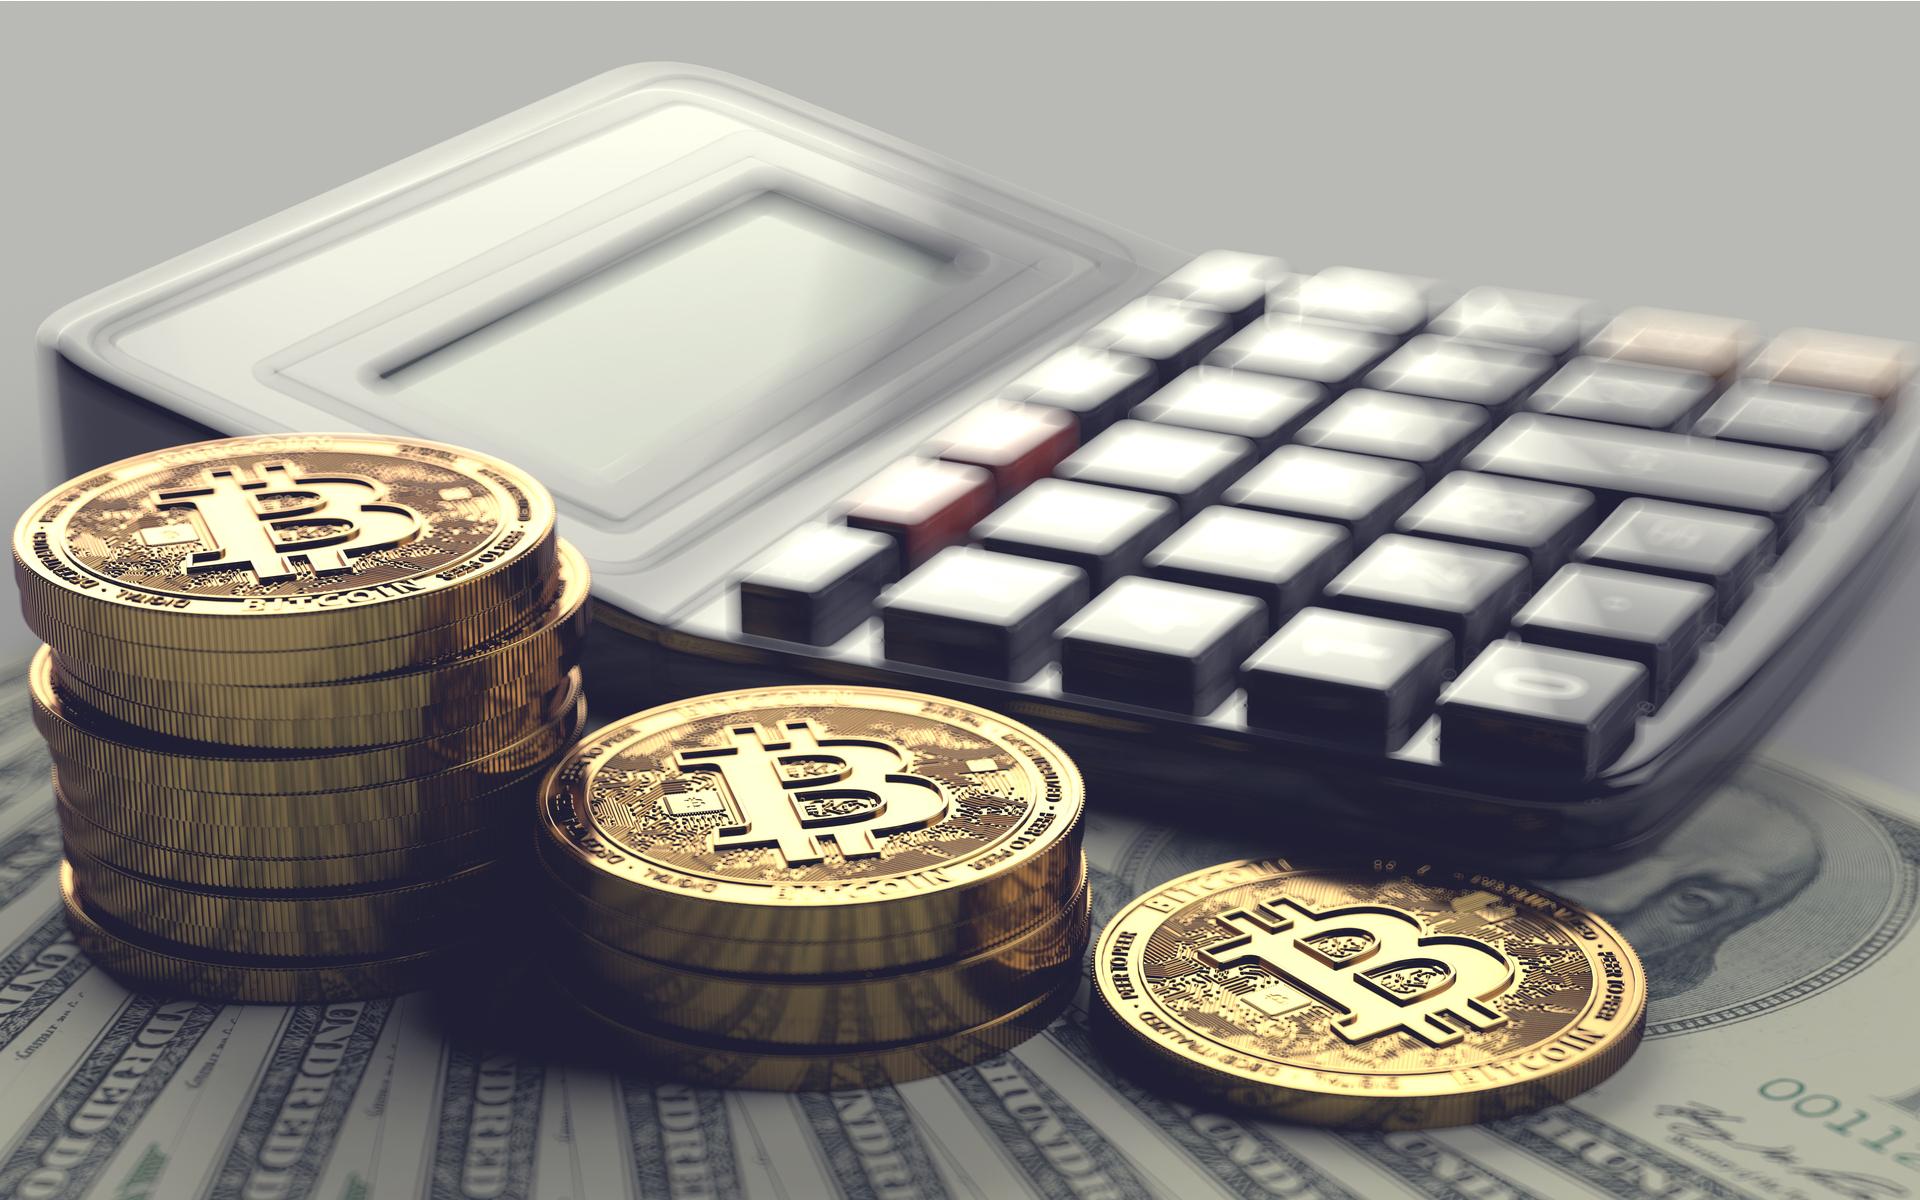 Calculate Bitcoin Transaction Fee